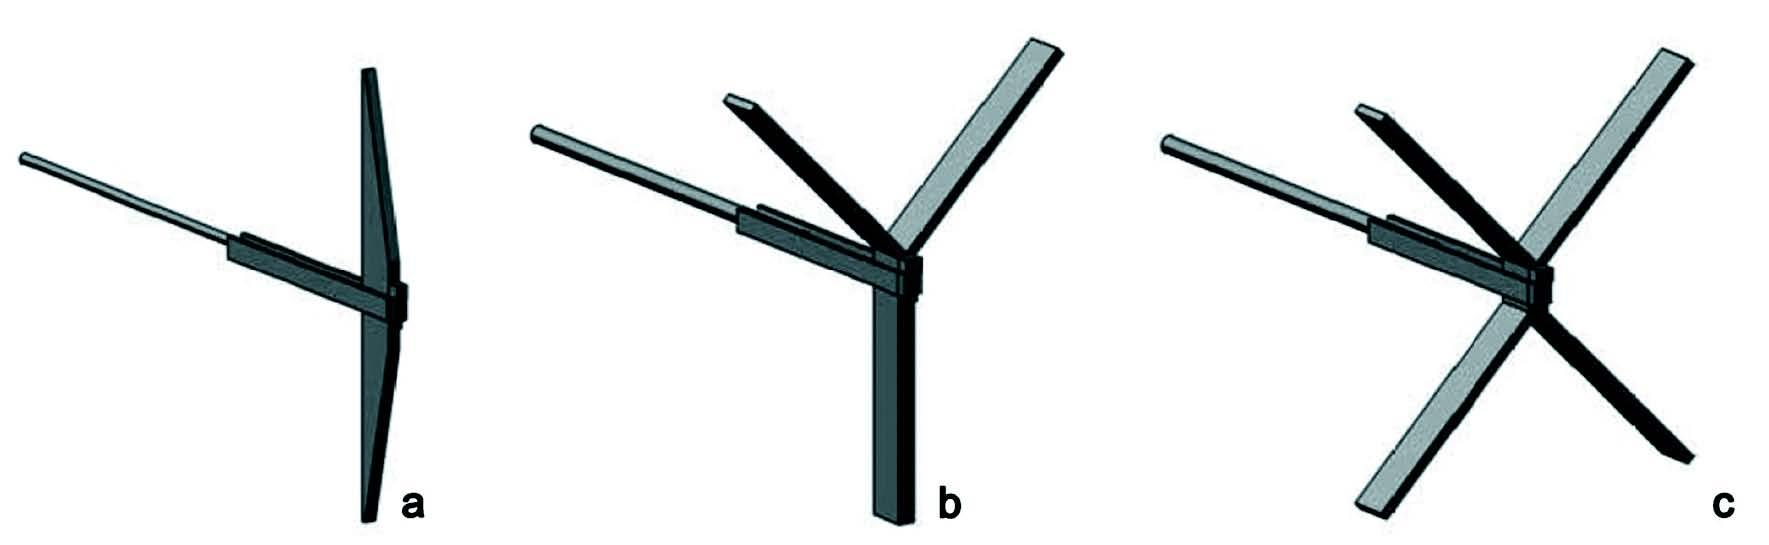 Fig. 5 a) Paletto; b) diramazione a Y; c) diramazione a X.